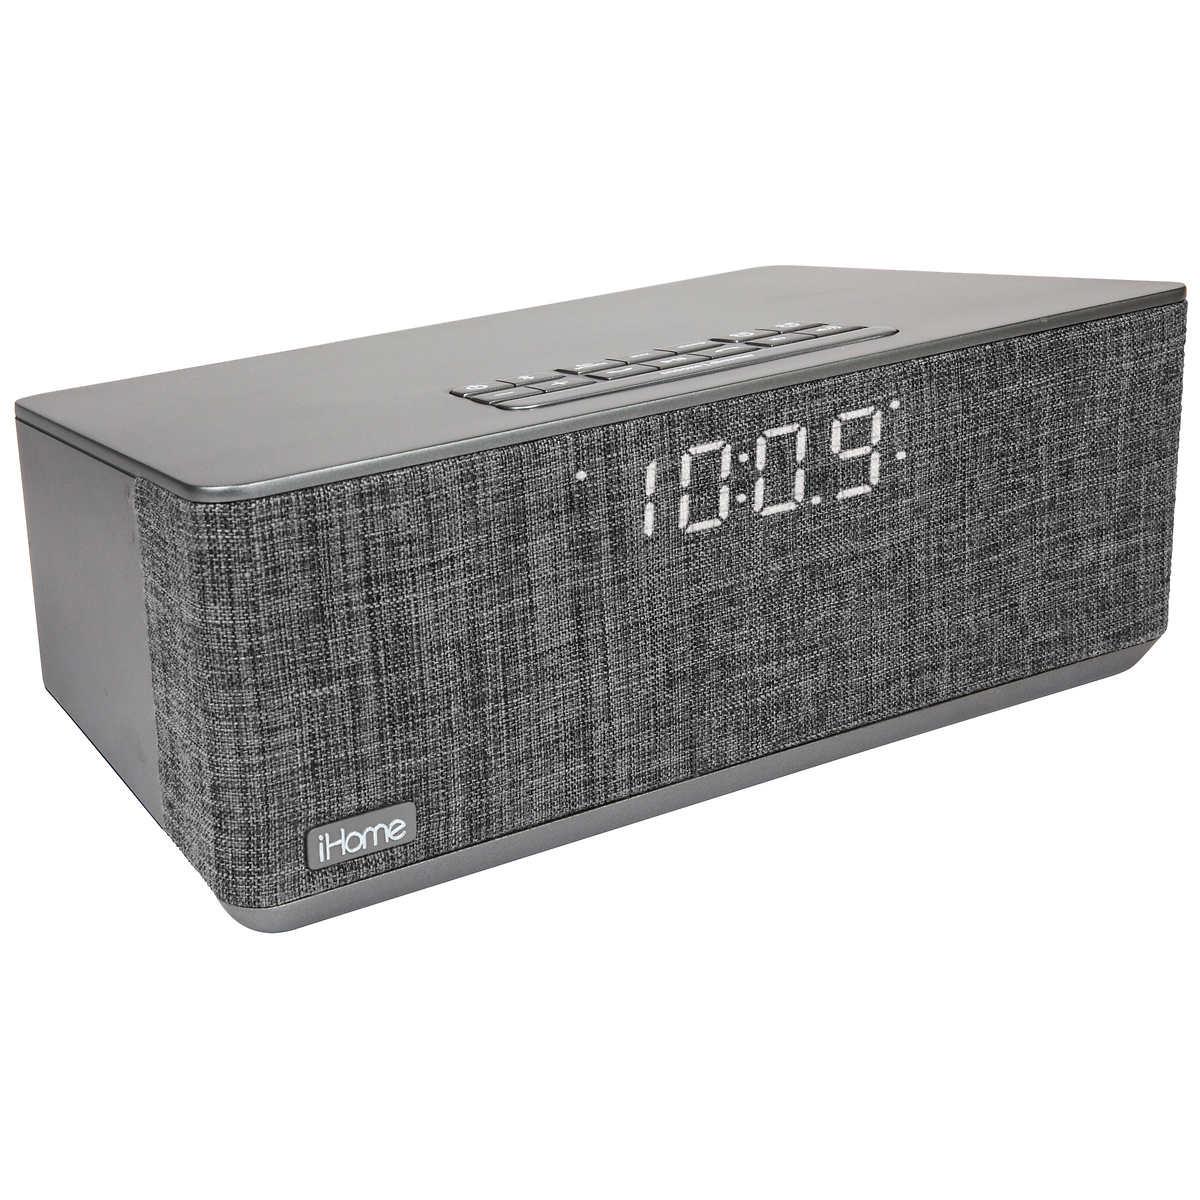 9e25921e8e0 iHome iBT233 Bluetooth Stereo Dual Alarm Clock. 1 1